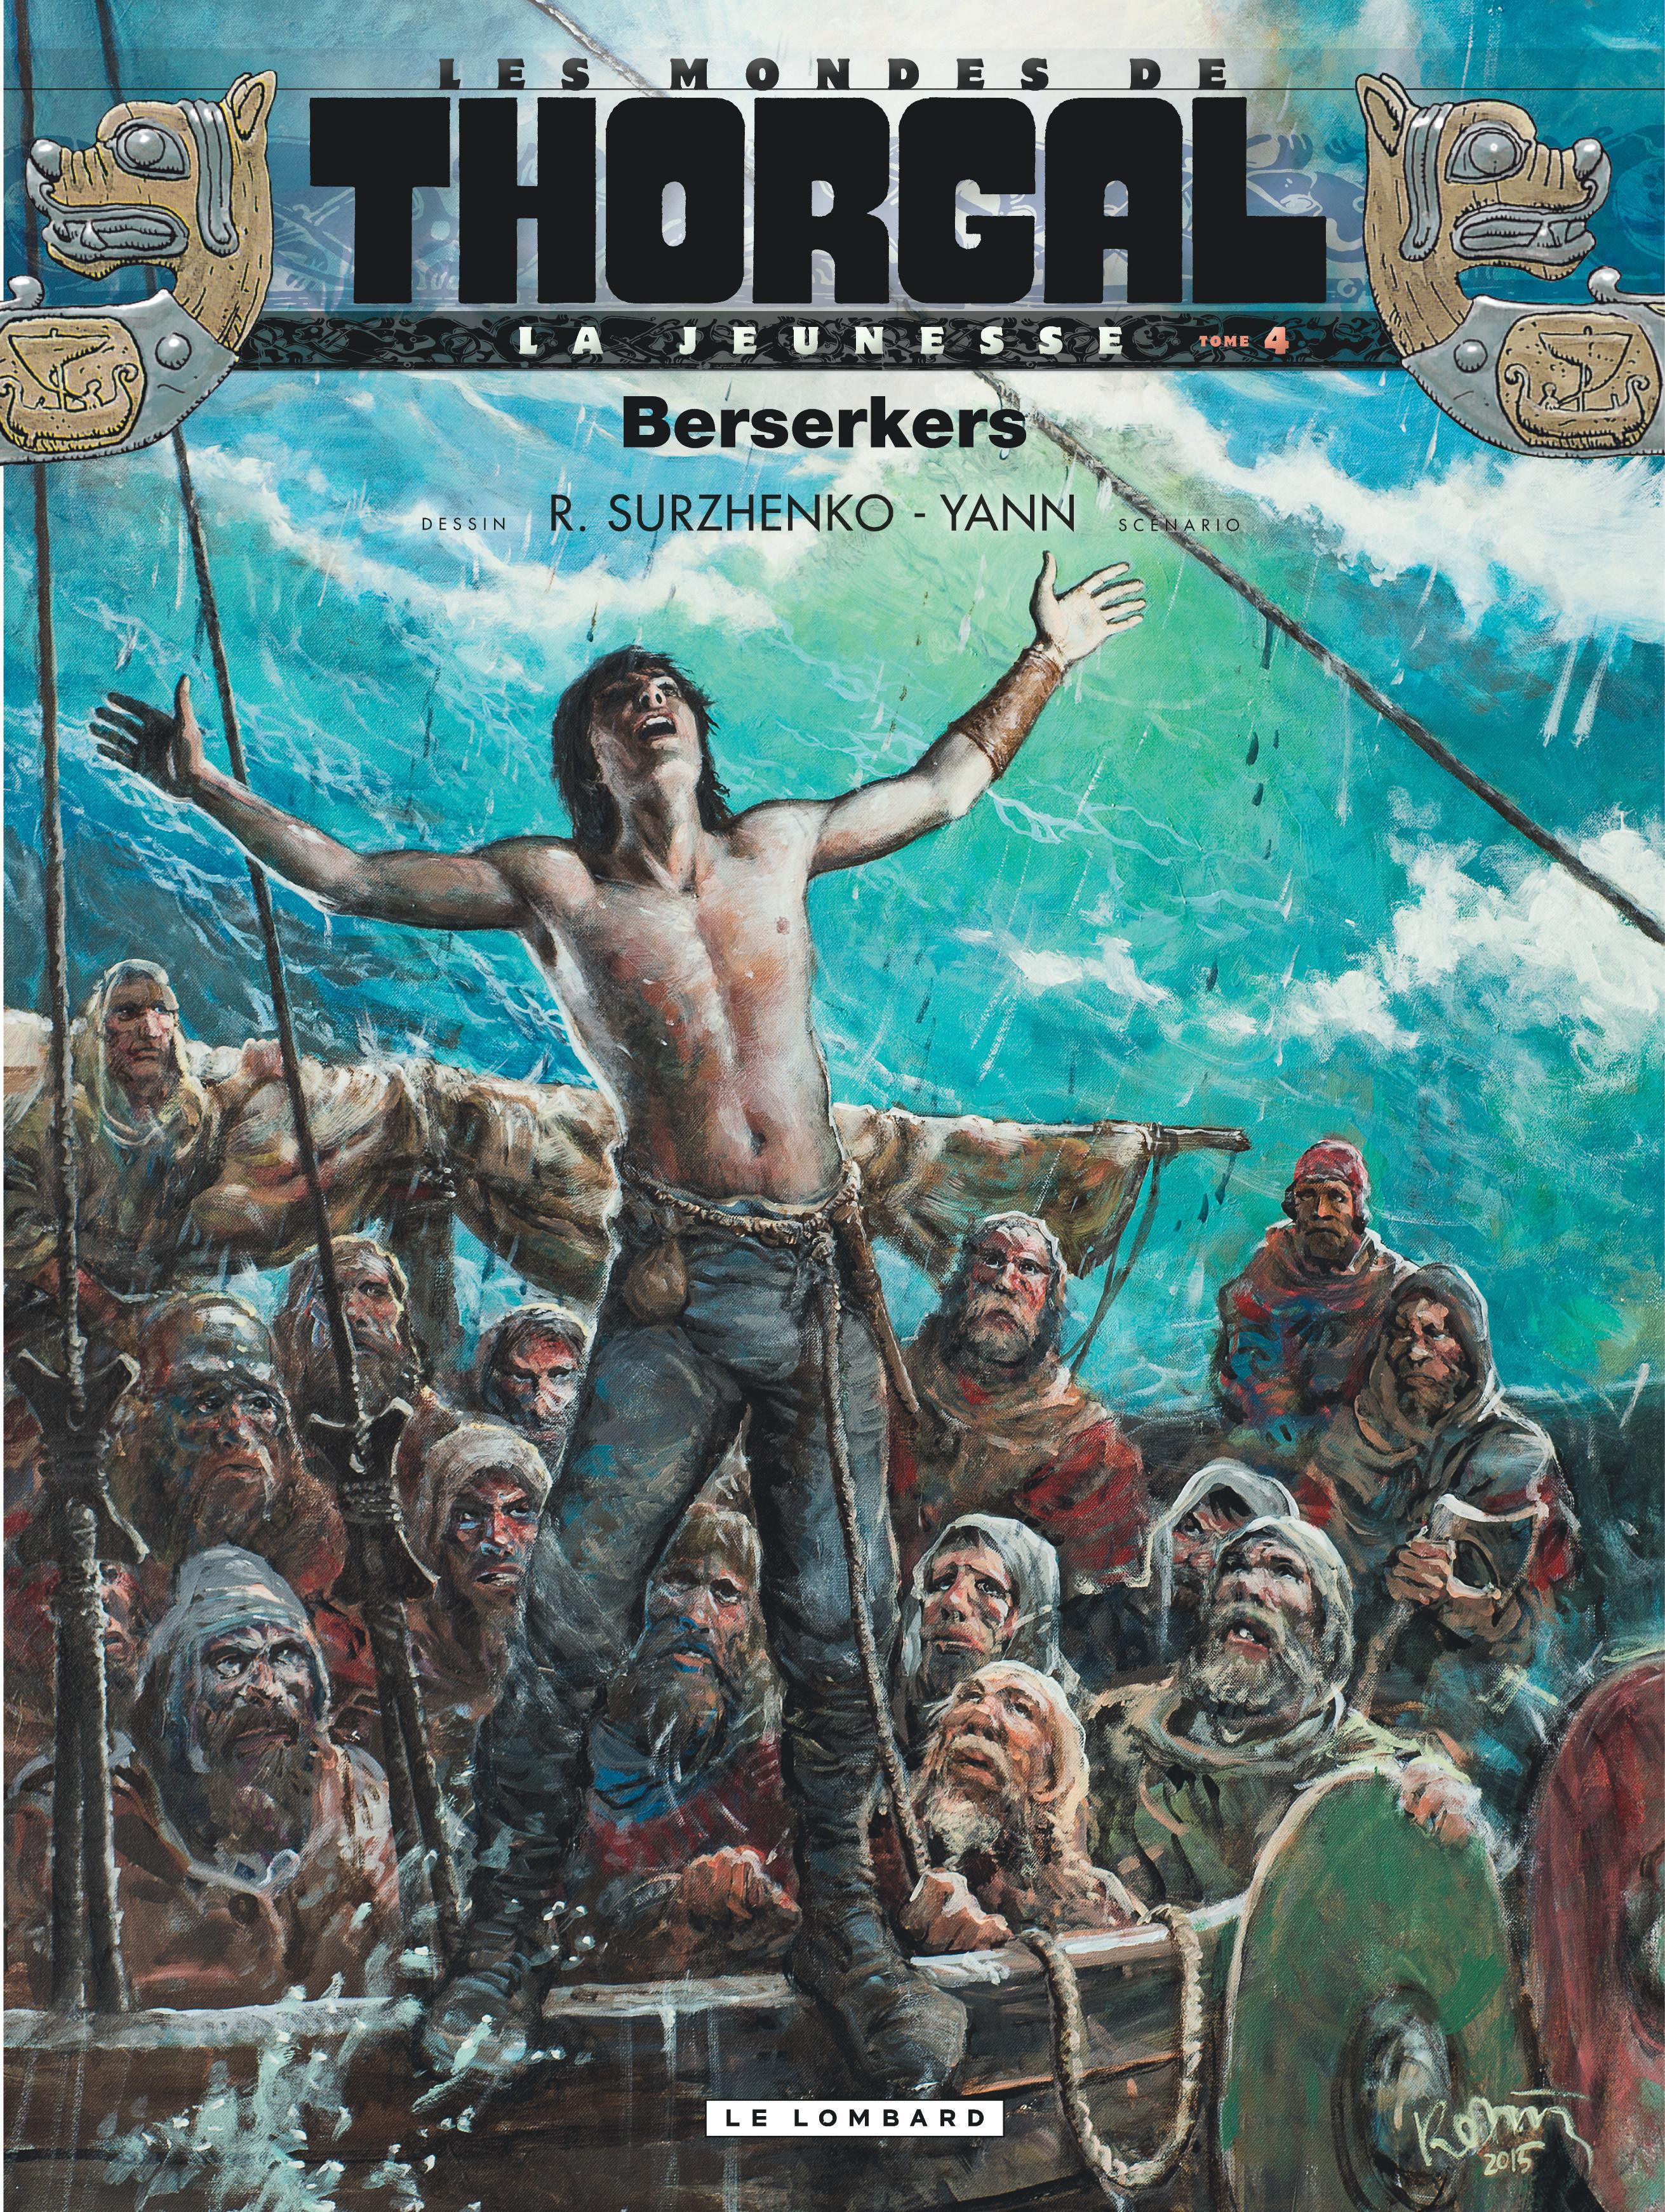 Les mondes de Thorgal - La jeunesse 4 - Berserkers